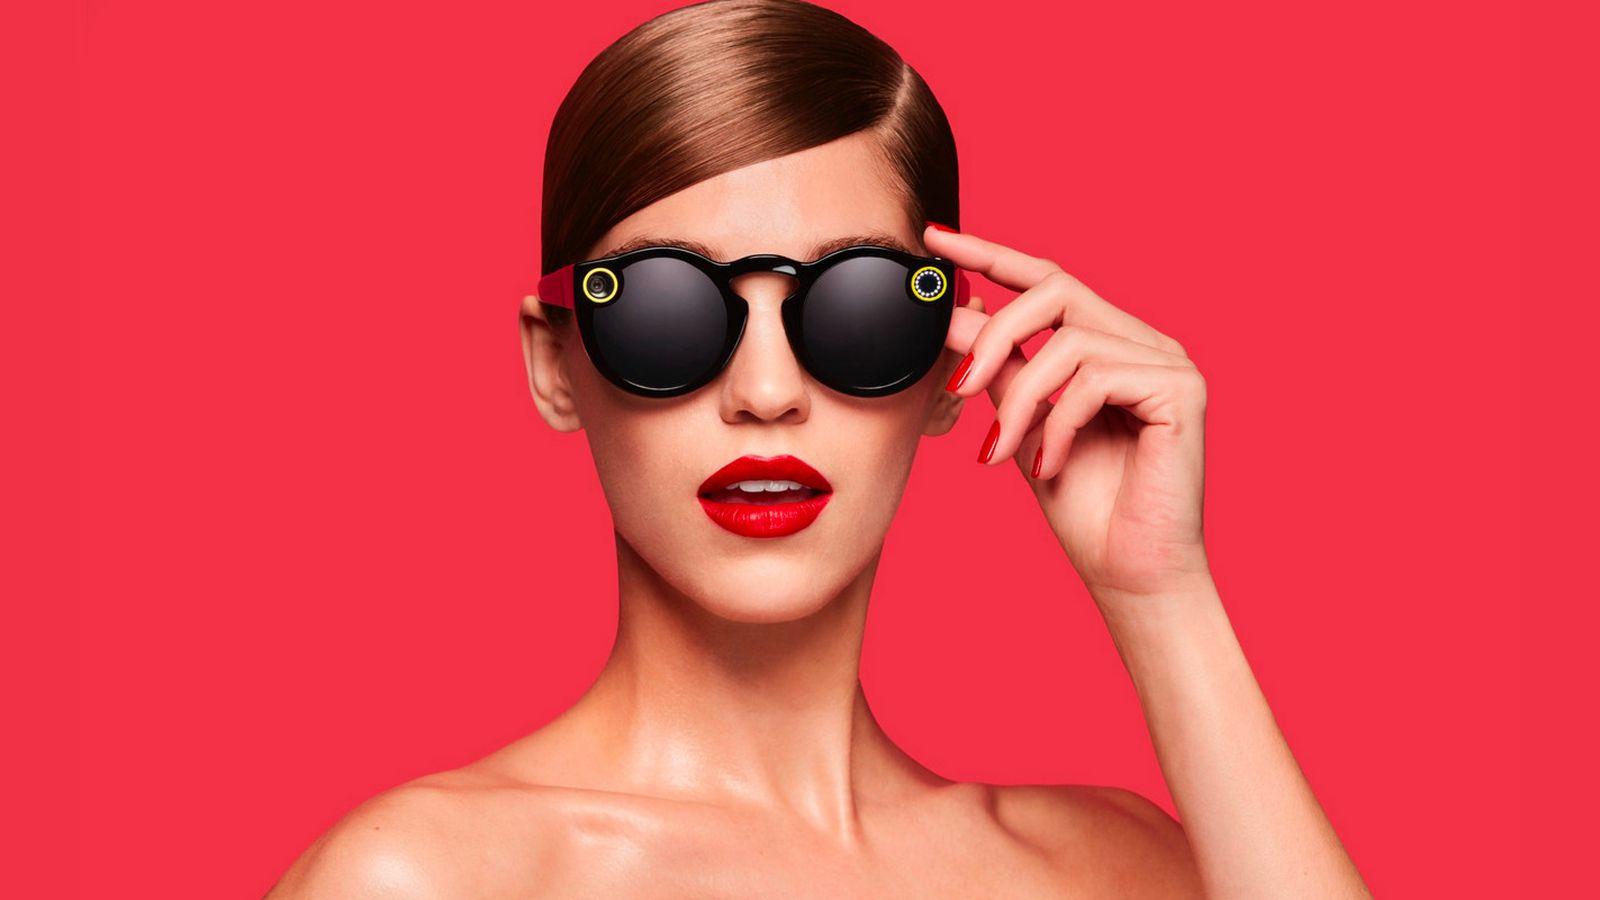 Очки Snapchat Spectacles сфункцией видеозаписи появились на рынке стран Европы